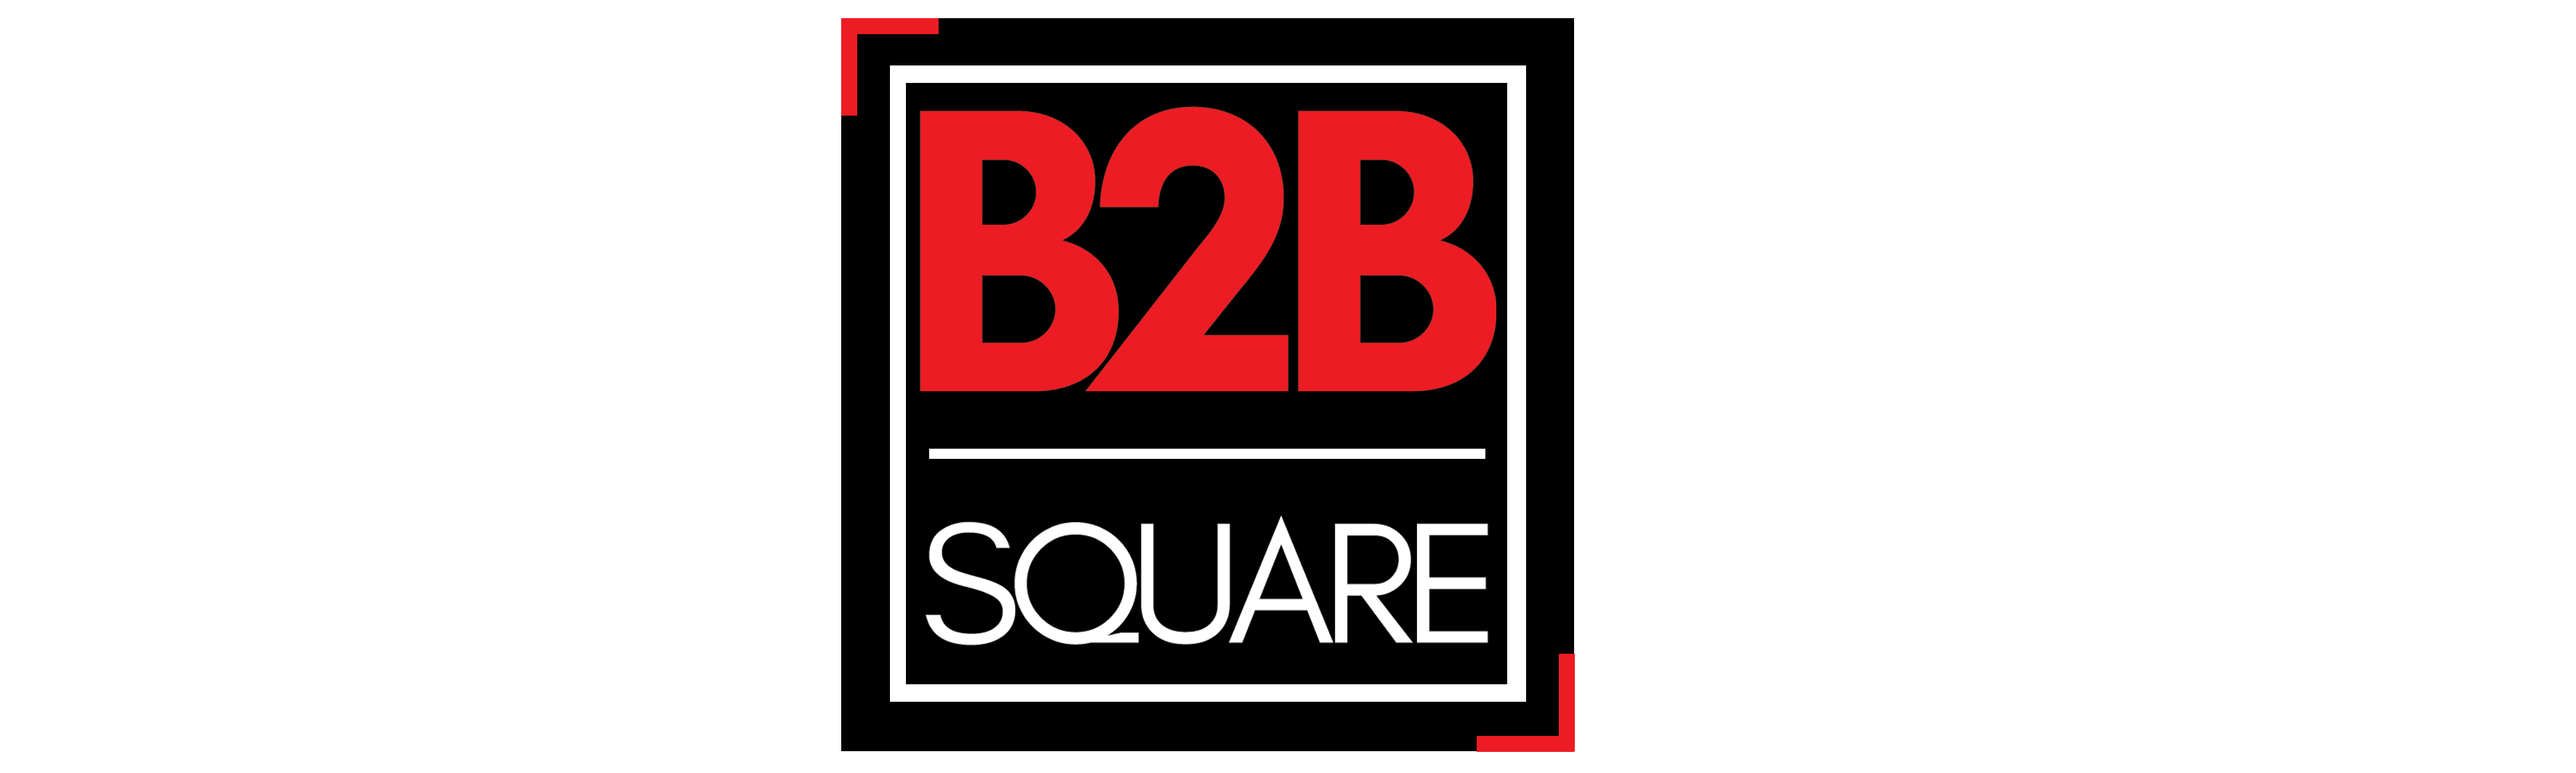 B2B Square